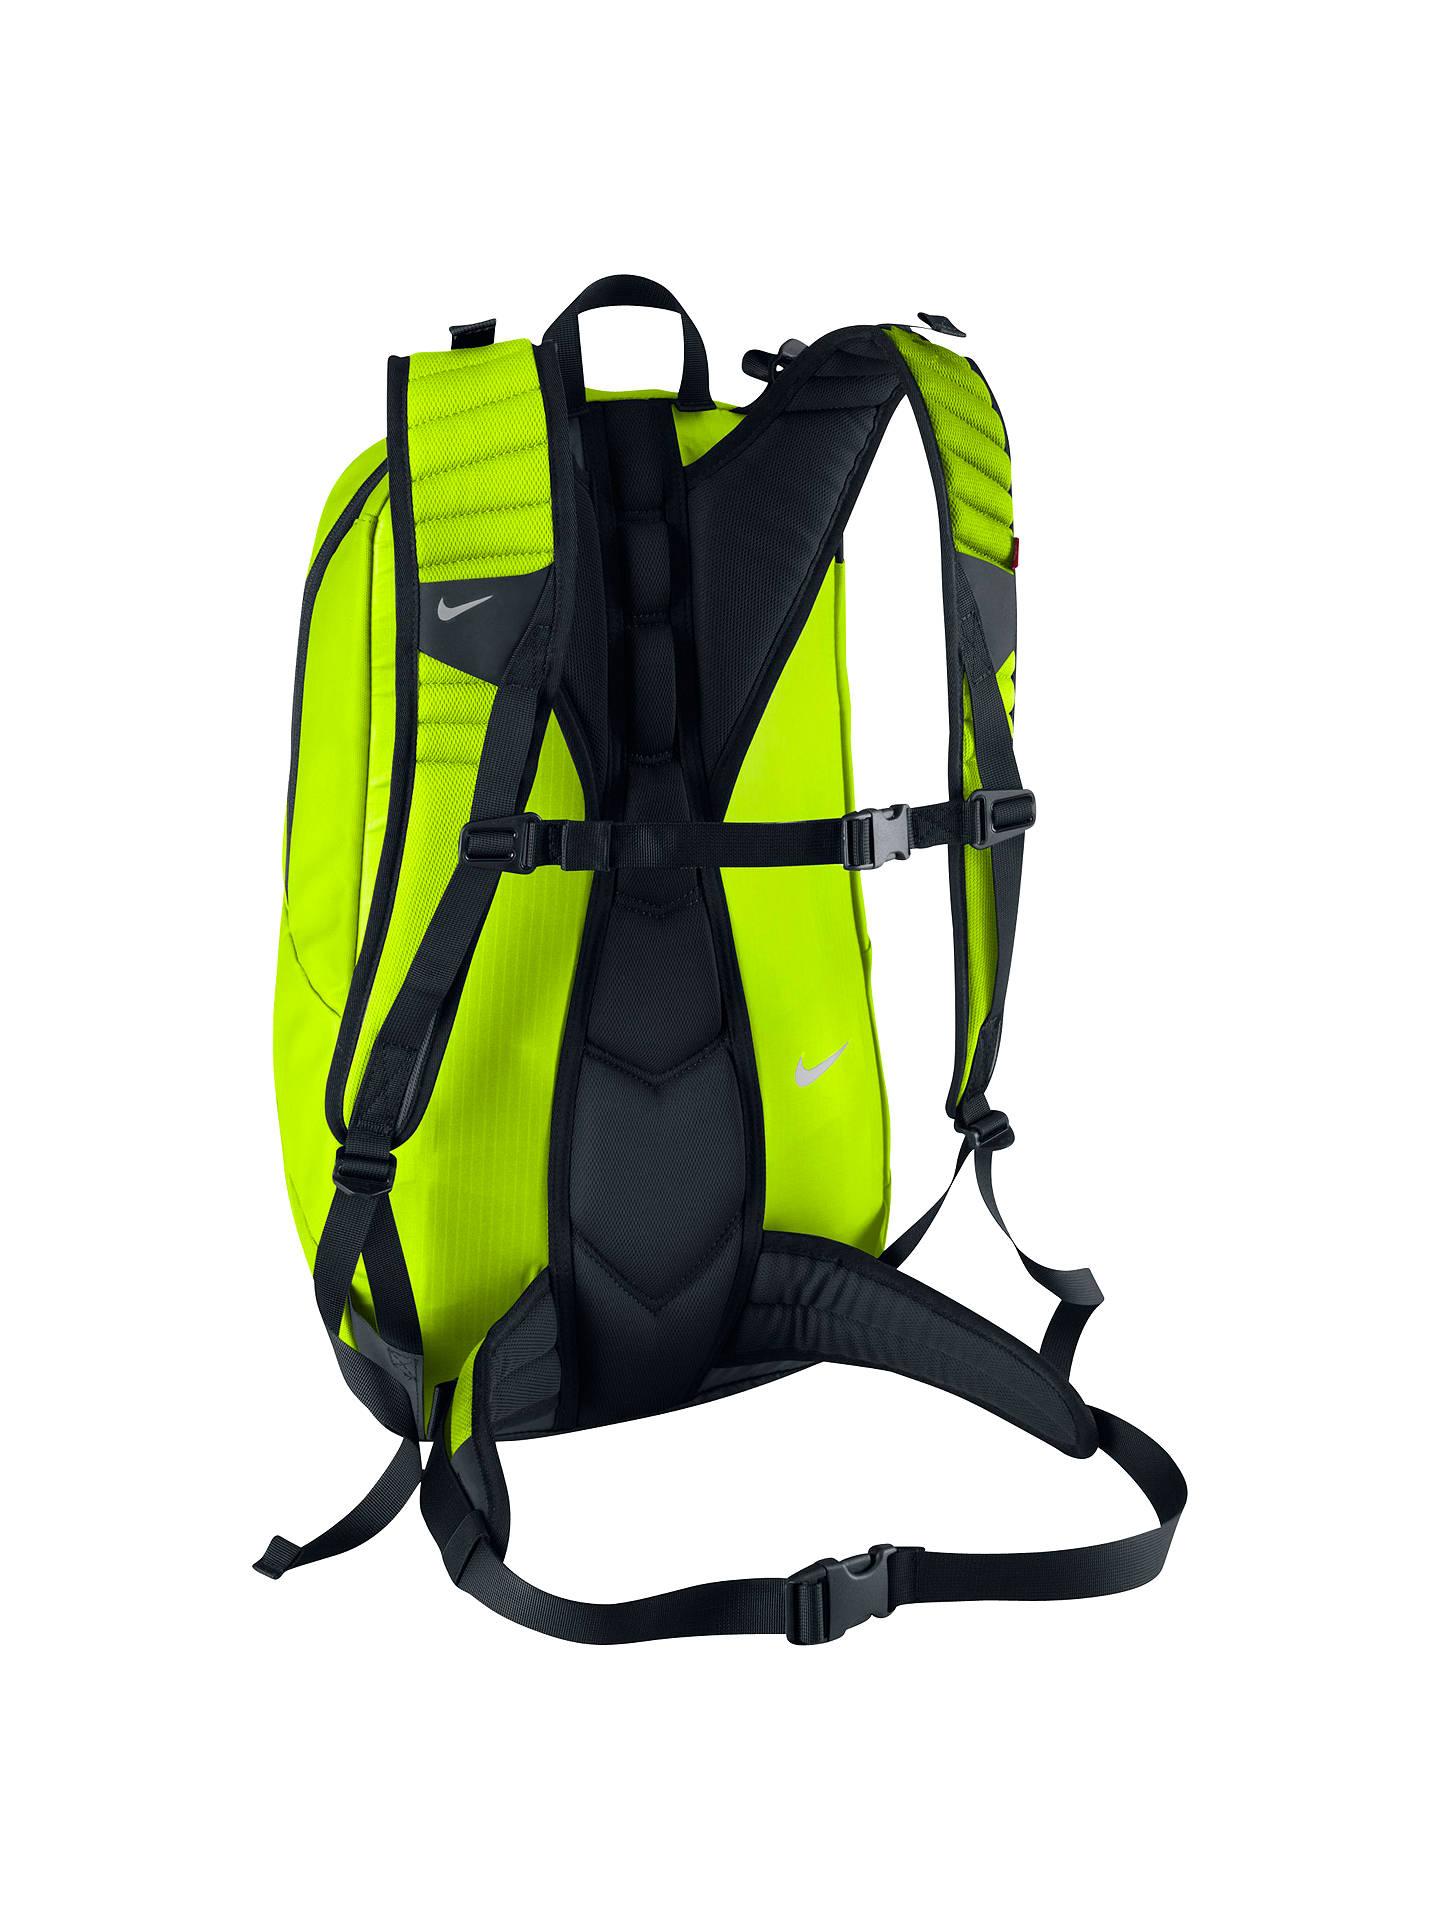 764fc3e8a01e Buy Nike Cheyenne Vapor II Running Backpack